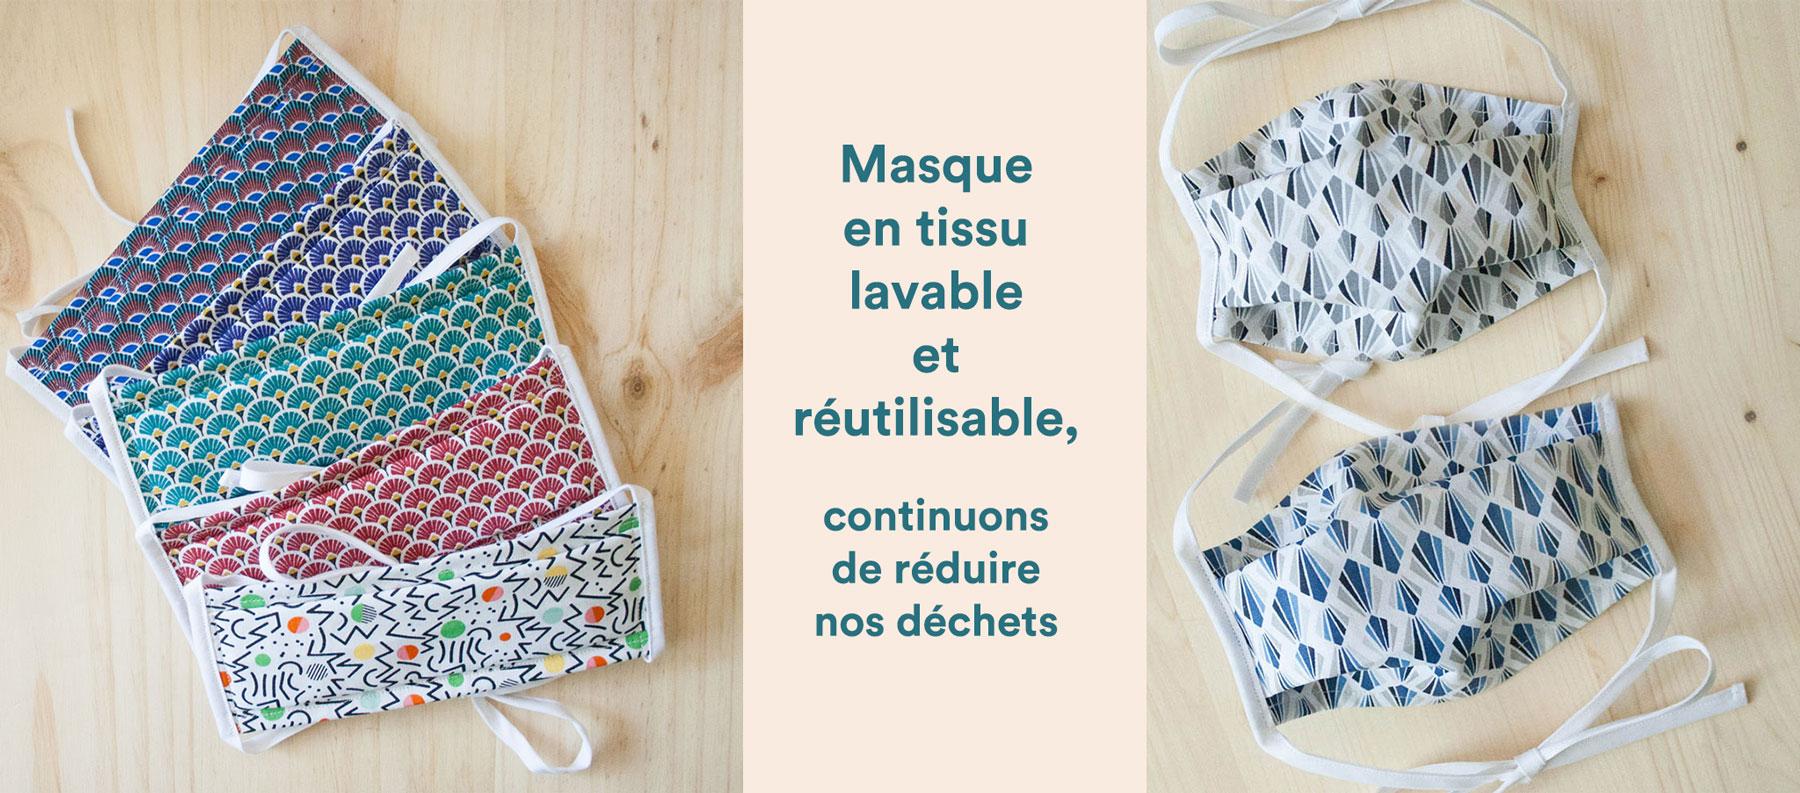 masque_barriere_pour_coronavirus_afnor_protection_atelierbeige_banniere_desktop-3